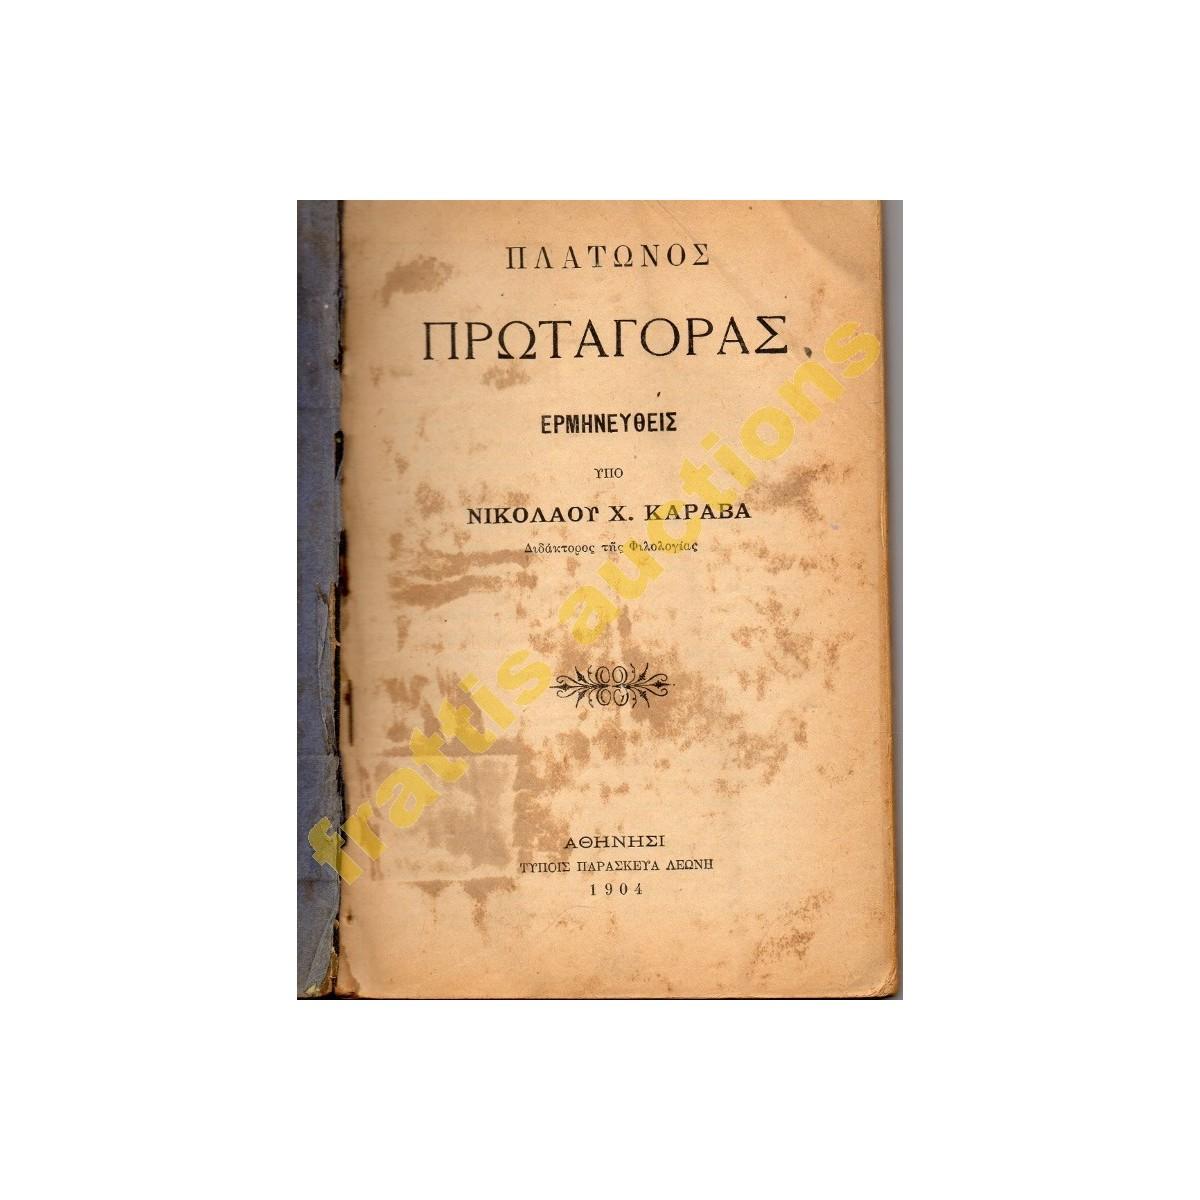 Πλάτωνος ΠΡΩΤΑΓΟΡΑΣ, Αθήνησι 1904, Νικόλαος Χ. Καραβάς.